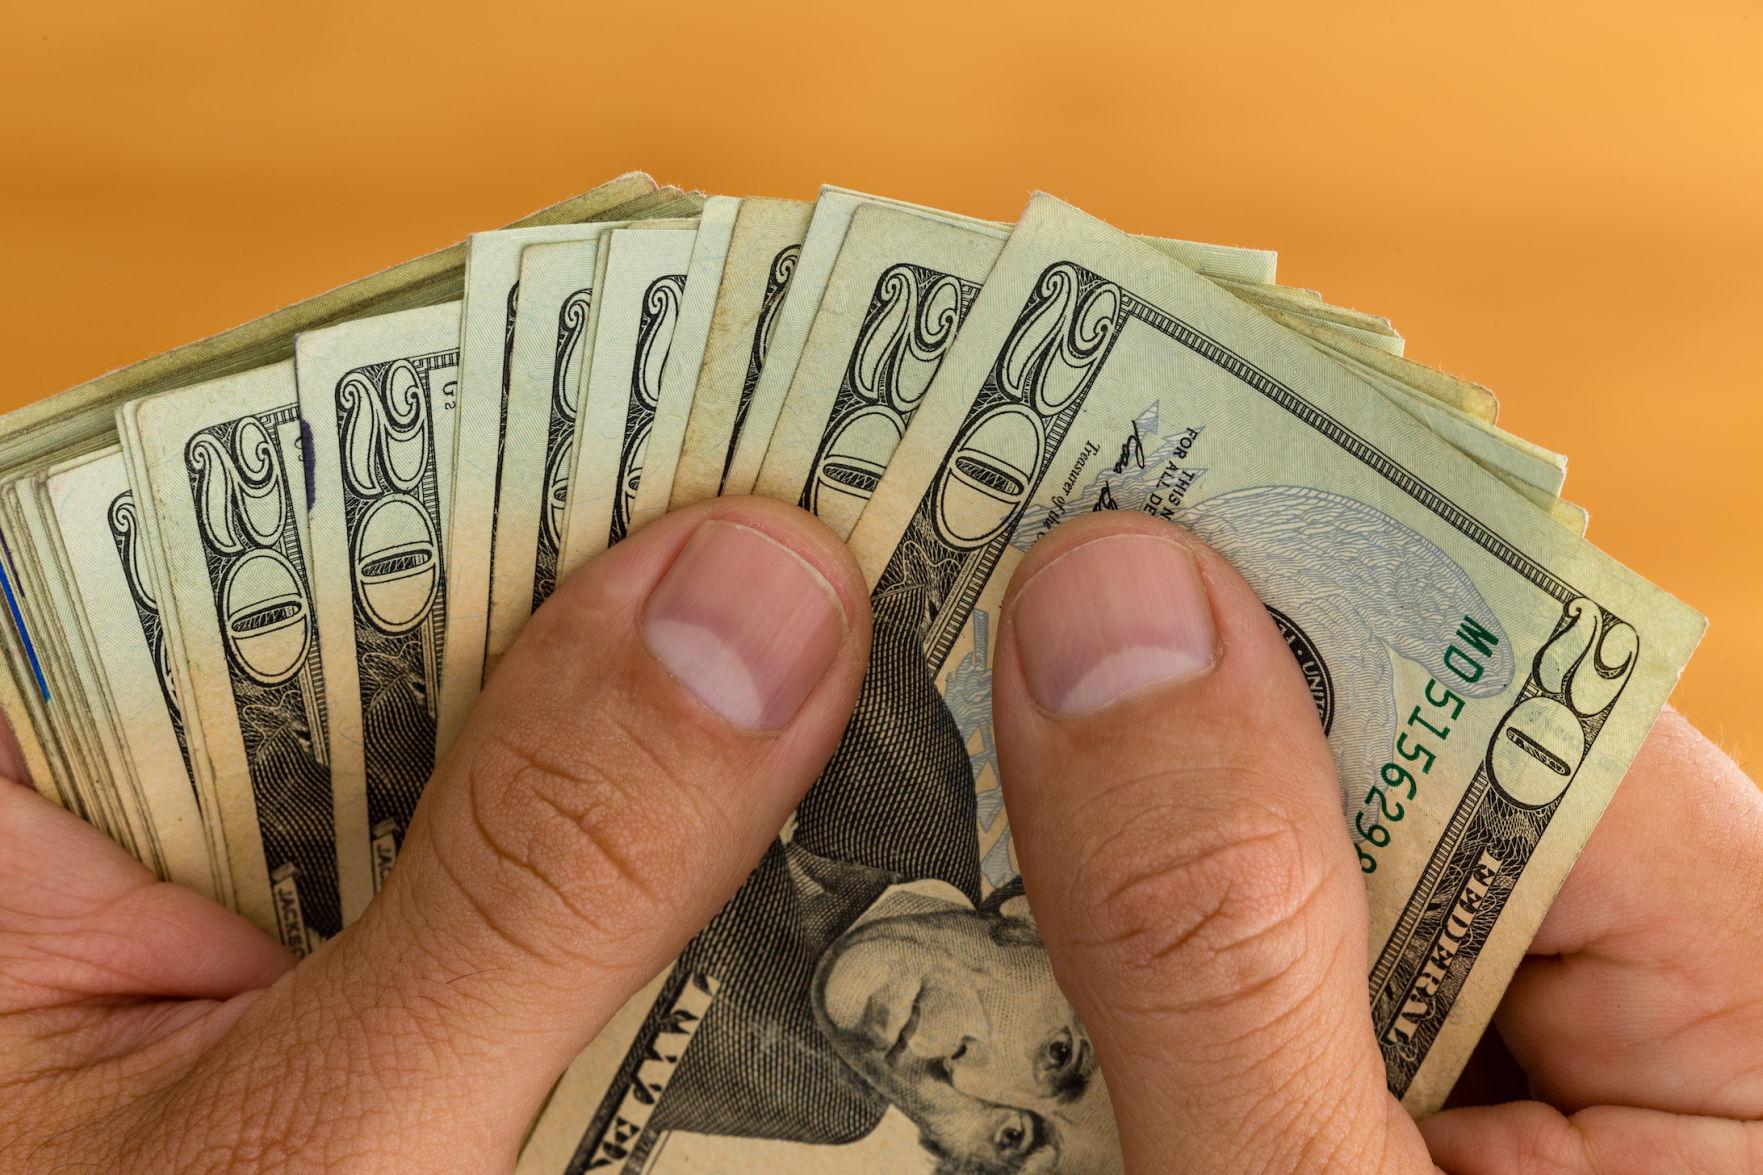 Millones en fondos federales para Head Start, ciencias y salud